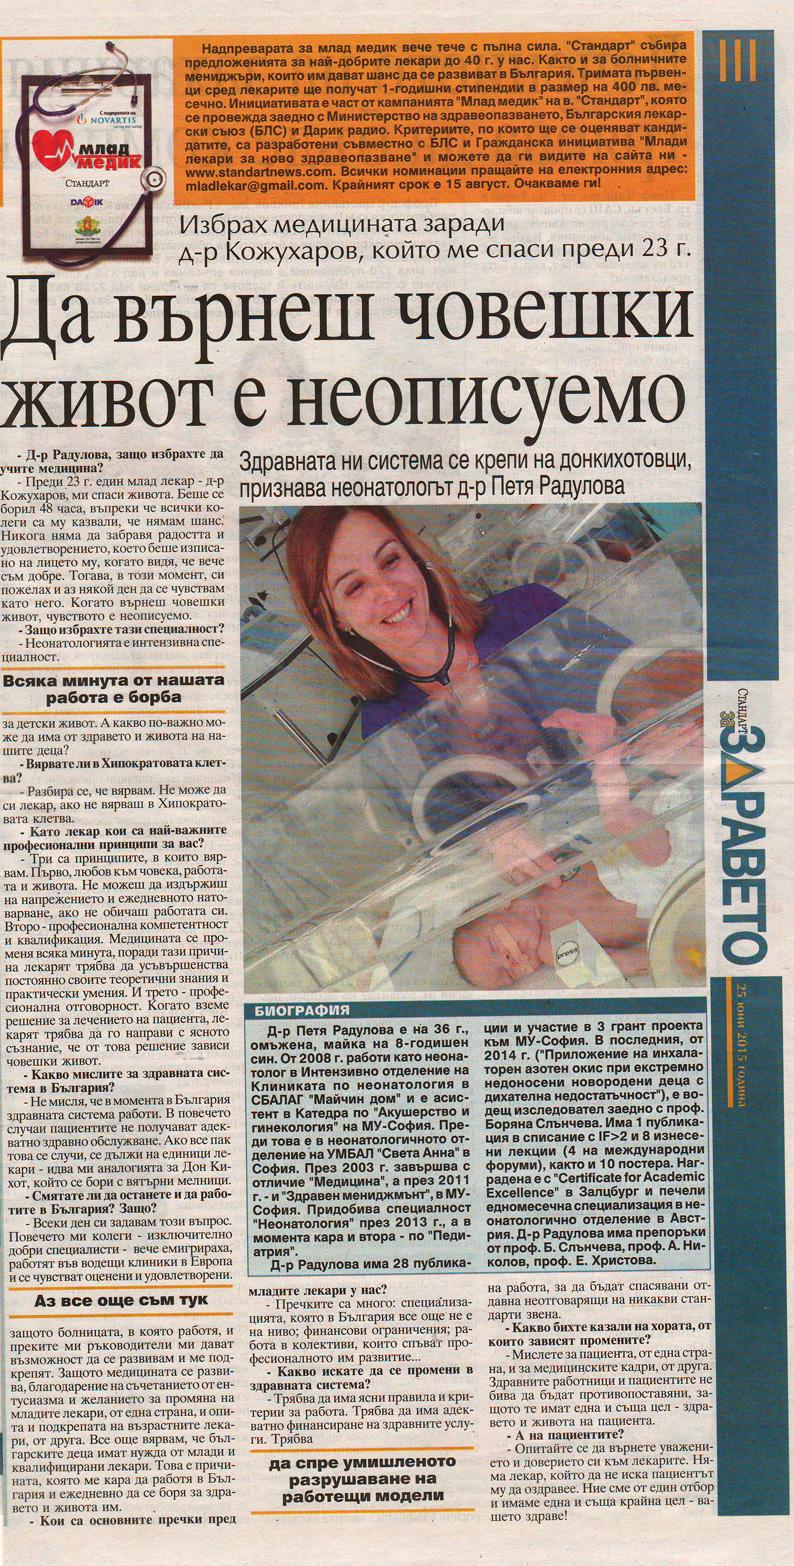 снимка на д-р Радулова